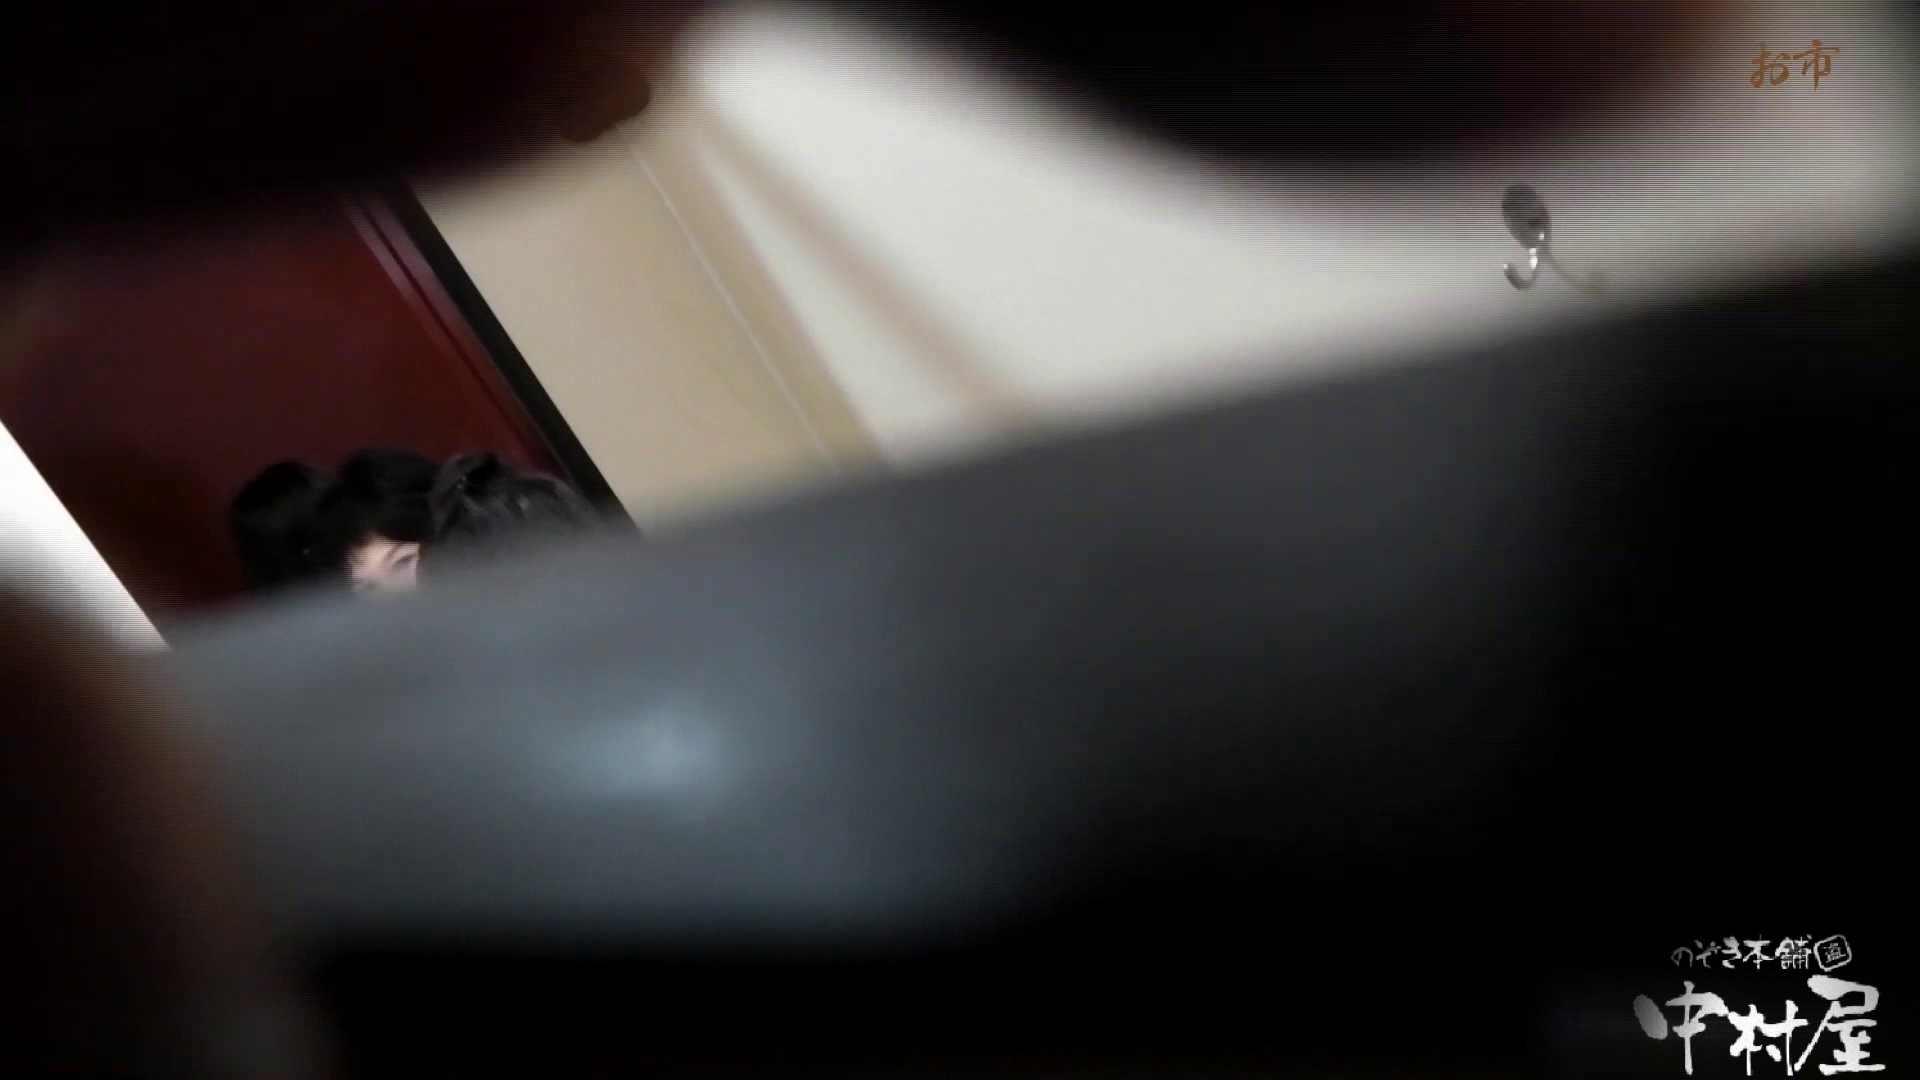 お市さんの「お尻丸出しジャンボリー」No.15 トイレ ワレメ動画紹介 82枚 27